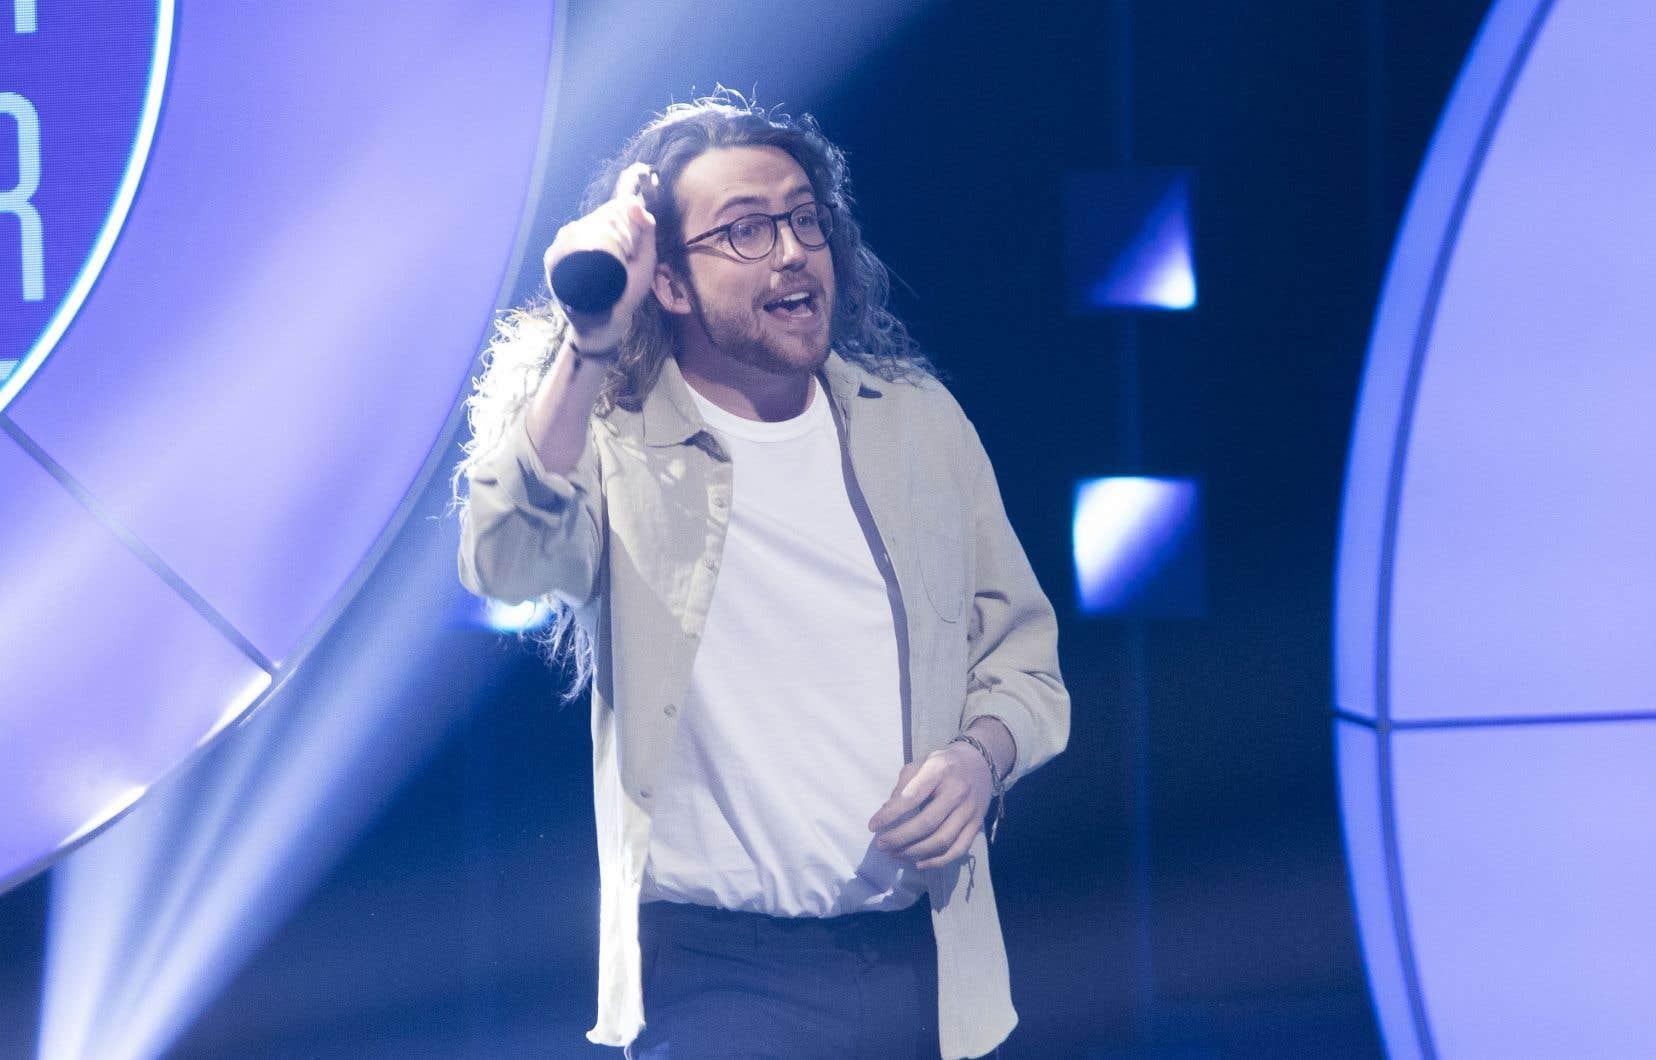 L'humoriste Mathieu Dufour a remporté, dimanche, aux gala Les Oliviers, le prix de l'Artiste COVID de l'année, remis à la suite d'un vote populaire. Présenté une cinquantaine de fois de mars à mai 2020, son <i>Show-rona Virus</i>est devenu, lors du premier confinement, un authentique phénomène culturel.